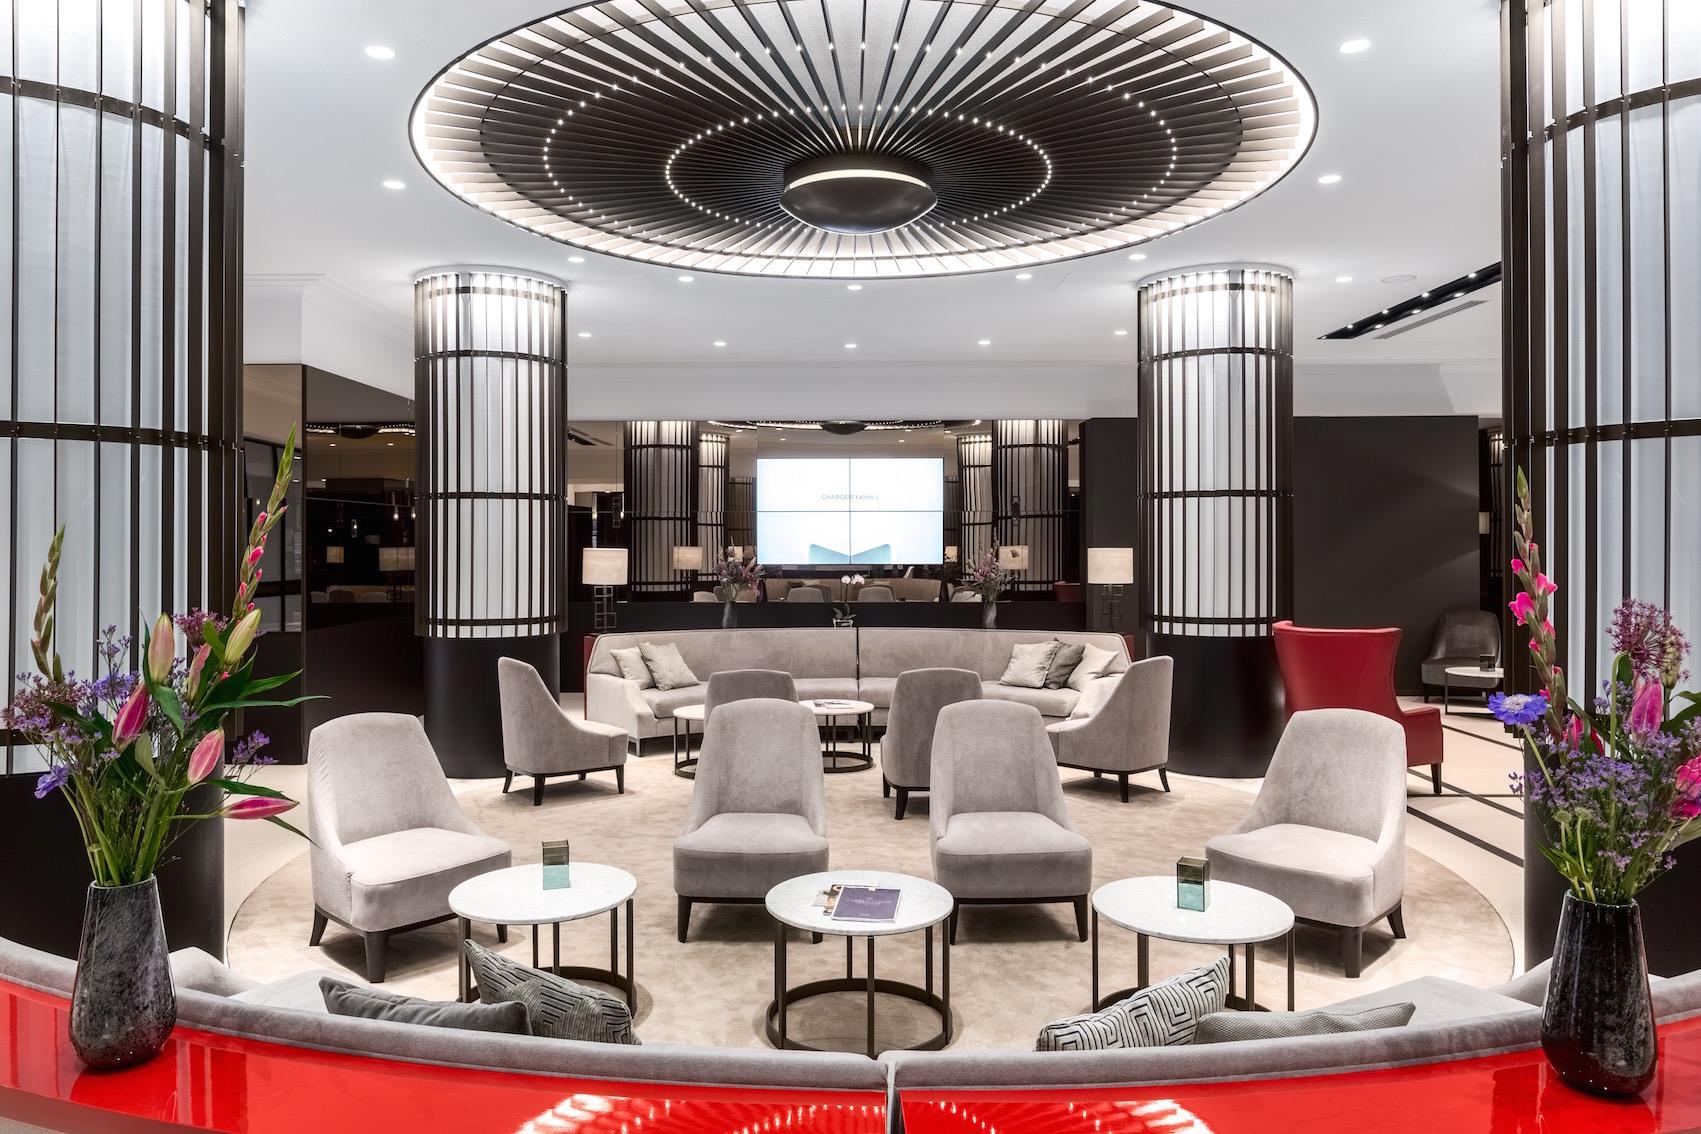 Nh heropent drie amsterdamse tophotels en lanceert nieuw merk for Hotel amsterdam economici